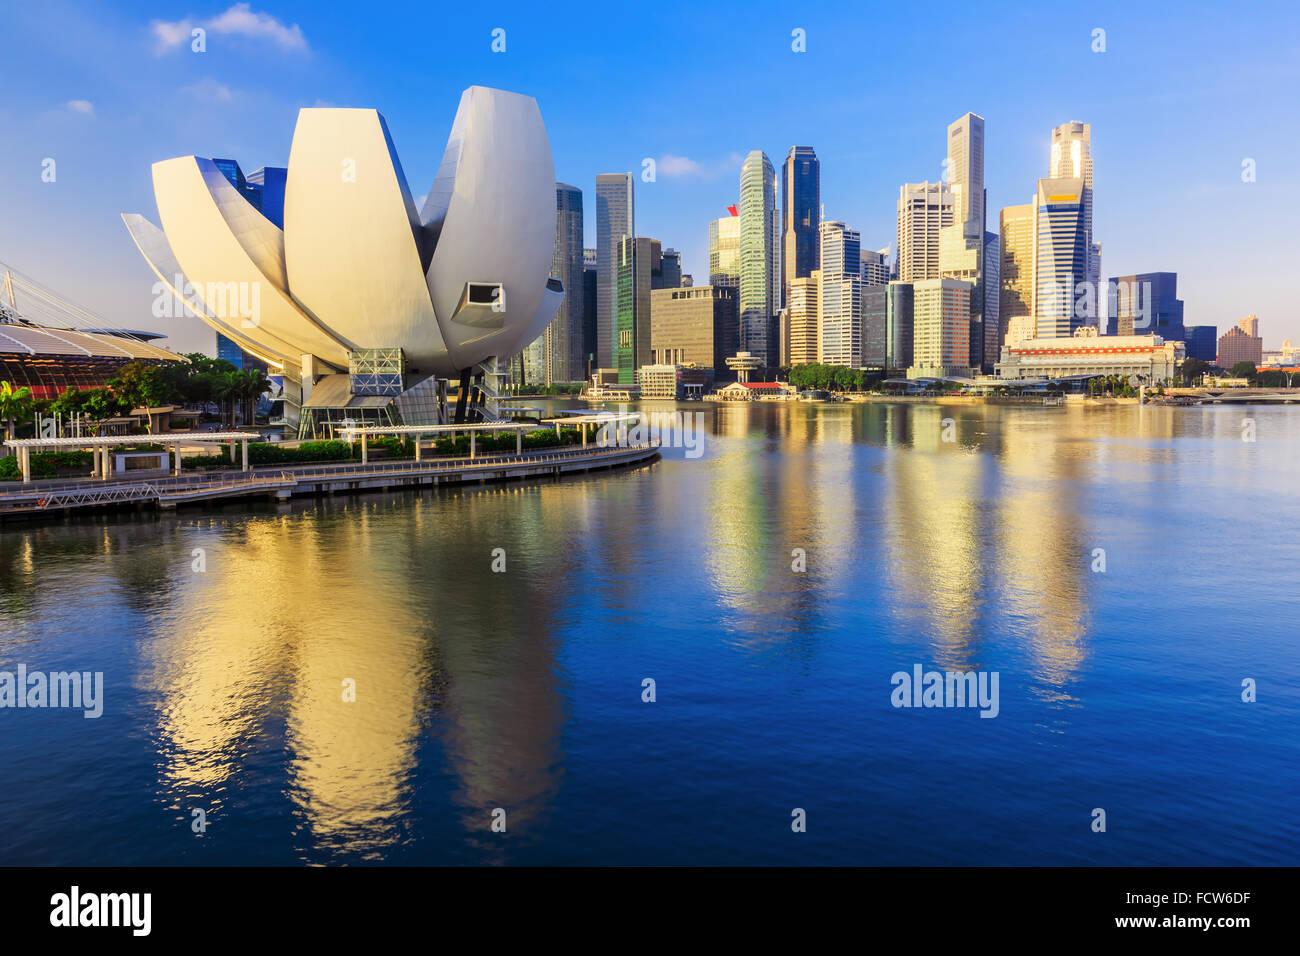 La ville de Singapour, Singapour. Marina Bay et l'horizon. Banque D'Images